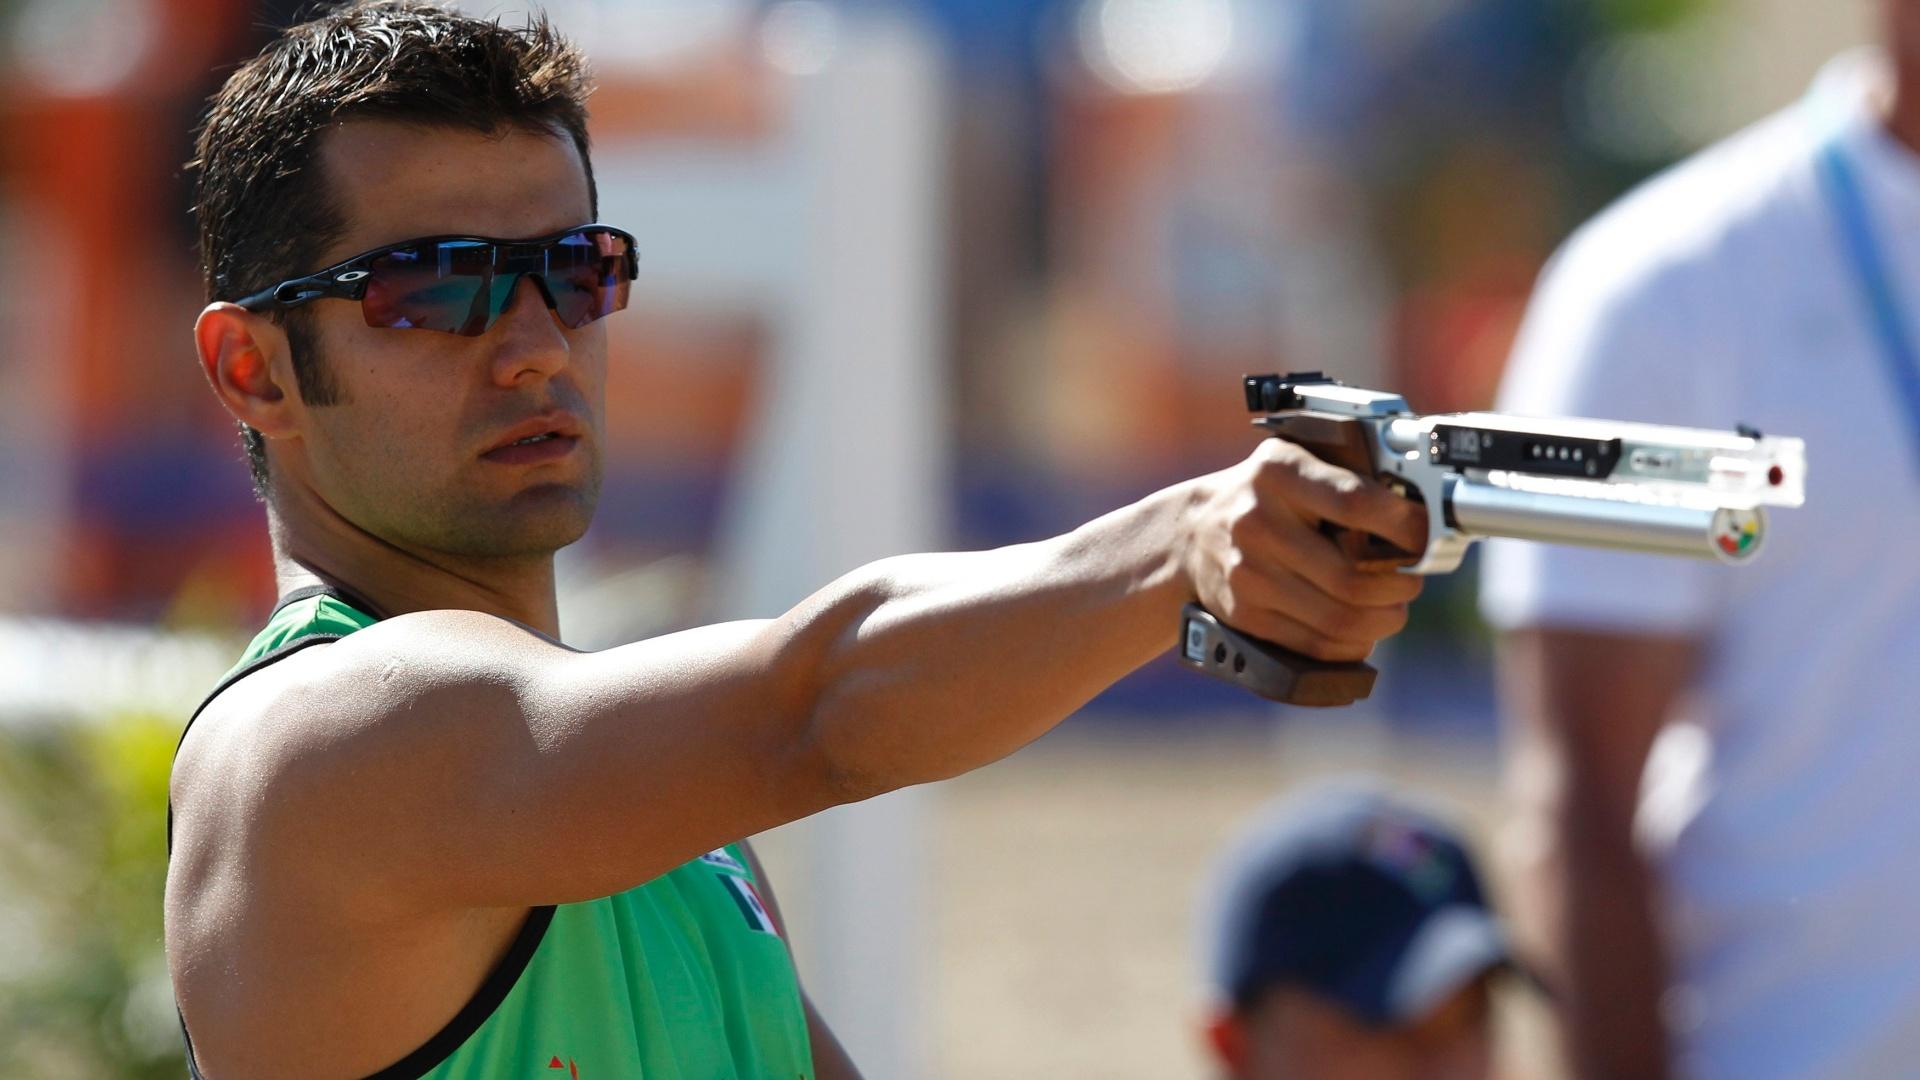 O mexicano Oscar Soto ficou com a medalha de ouro no pentatlo moderno